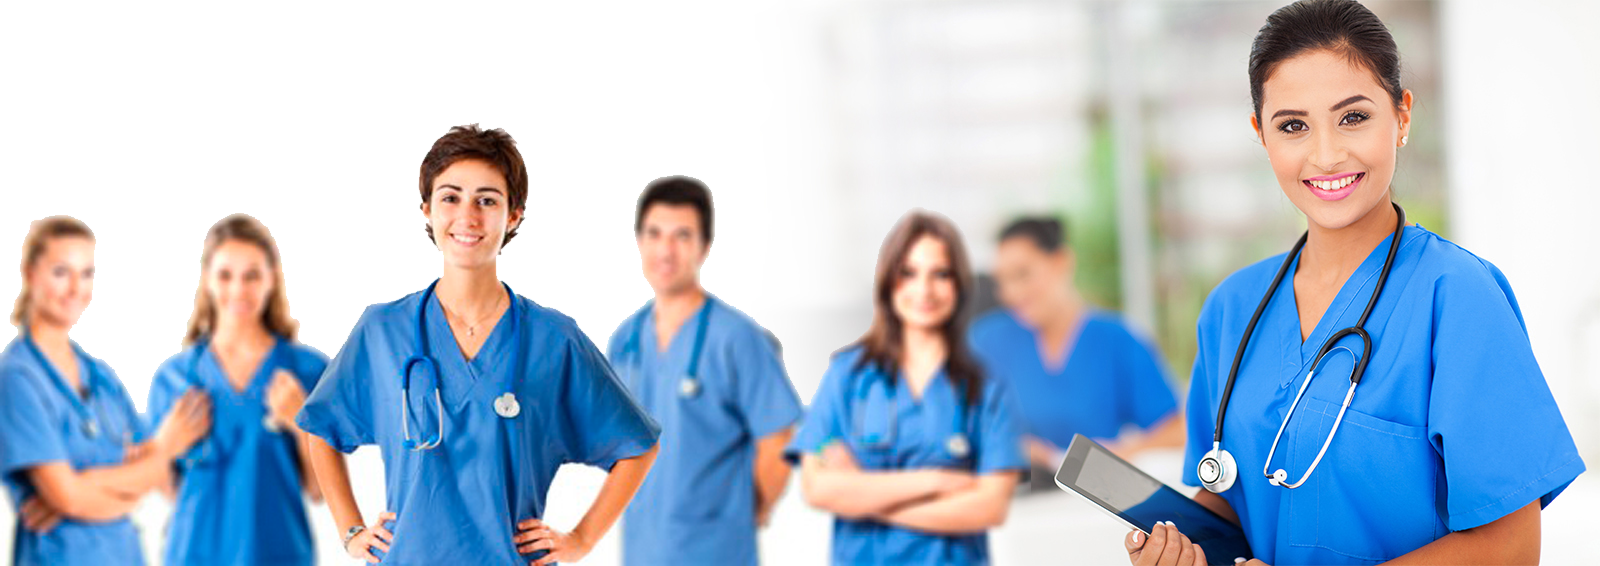 Professioni sanitarie, Beux: «La macchina del nuovo ordine multi-albo è in marcia»